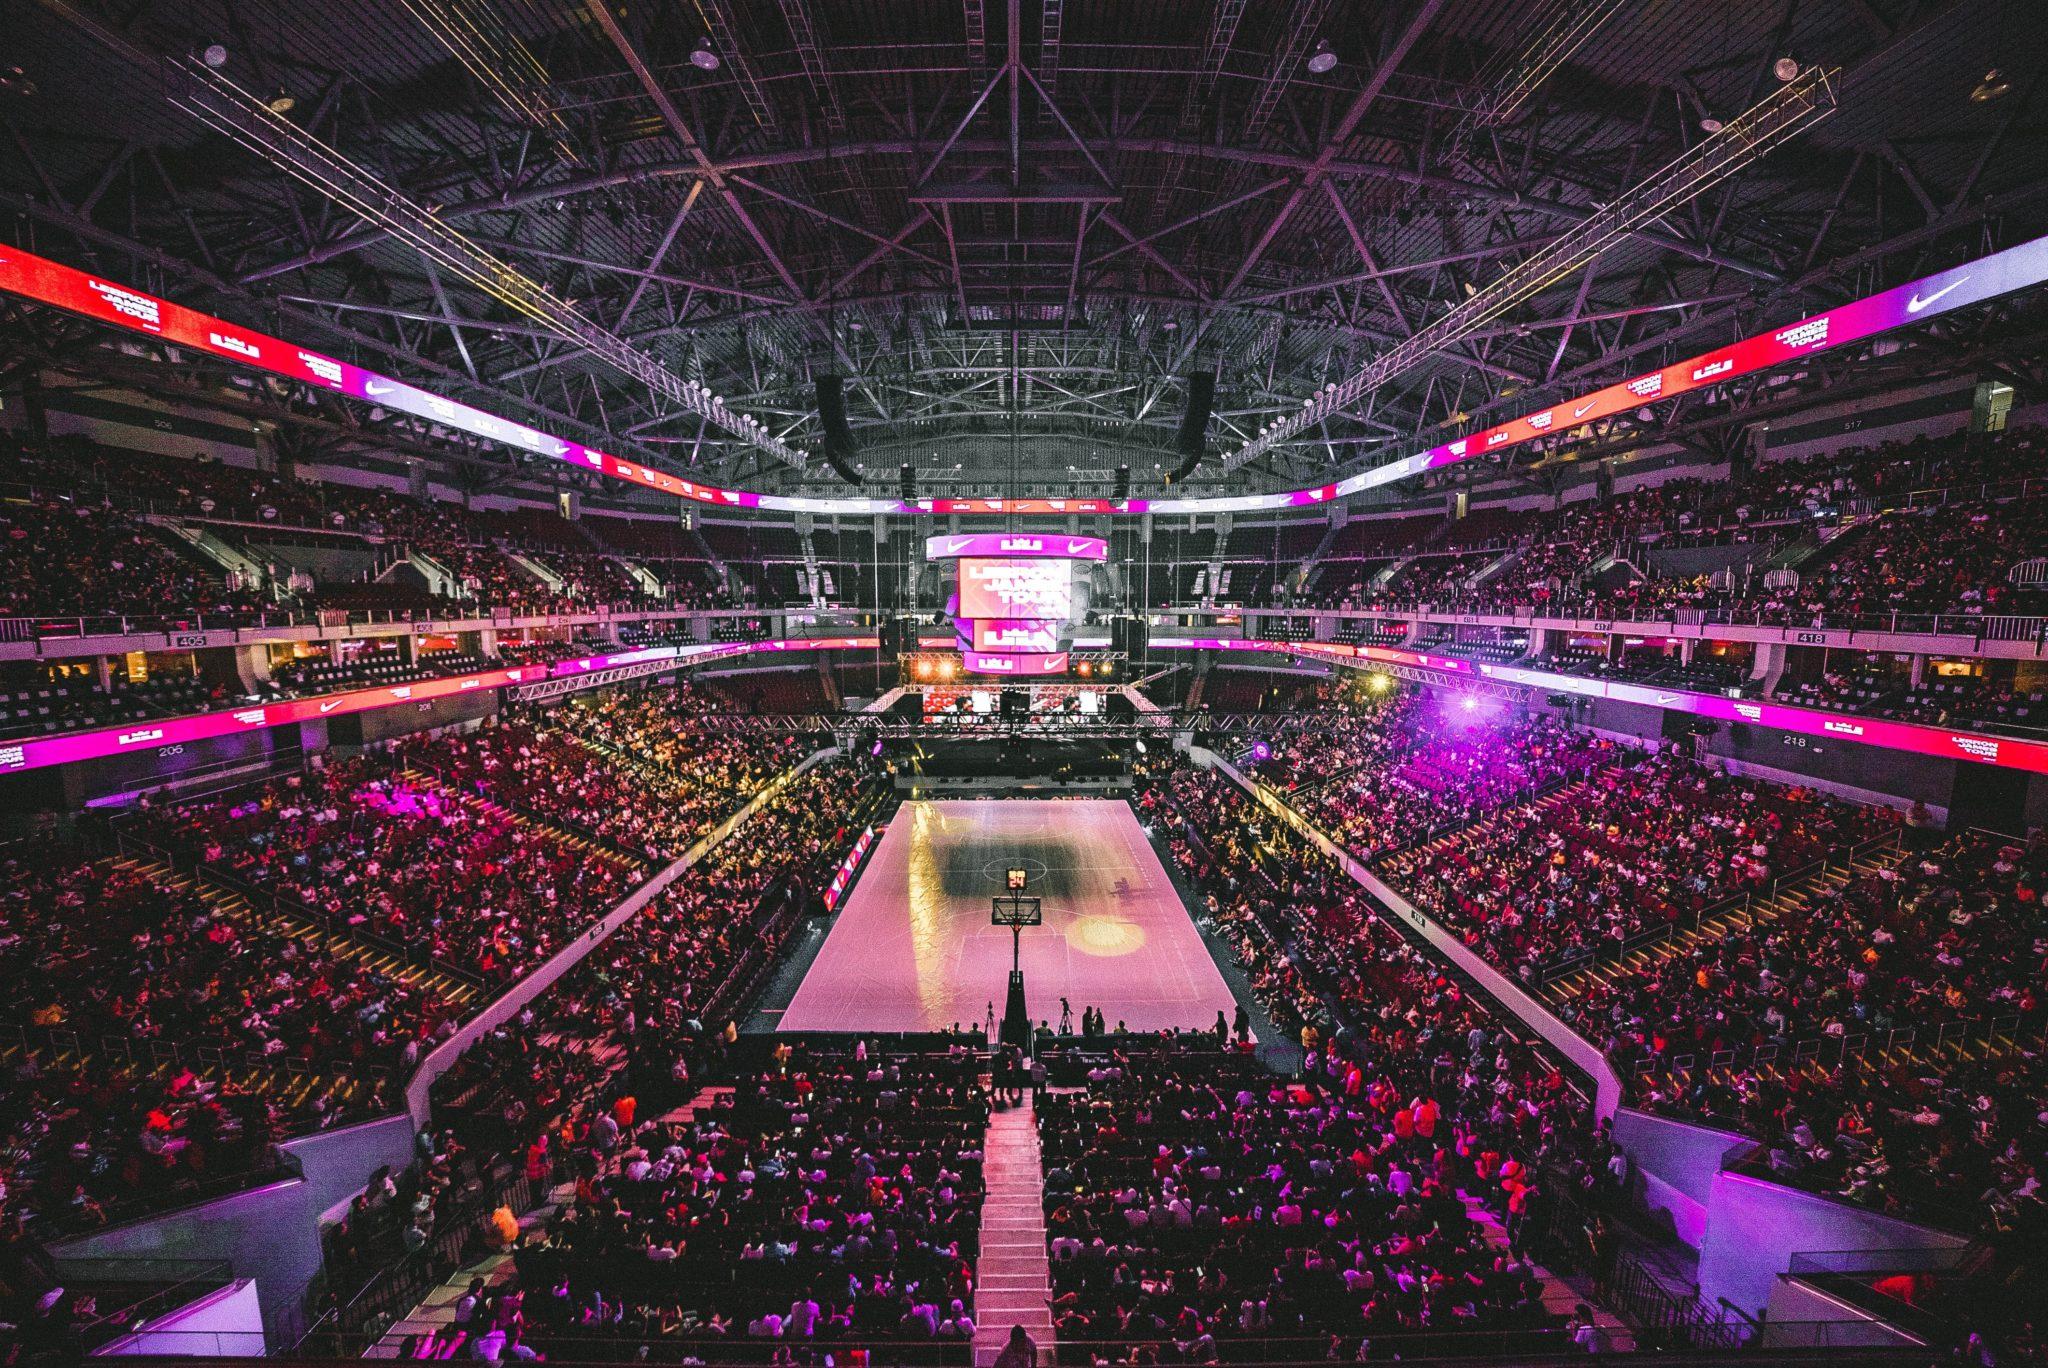 Random NBA Basketball Arena.